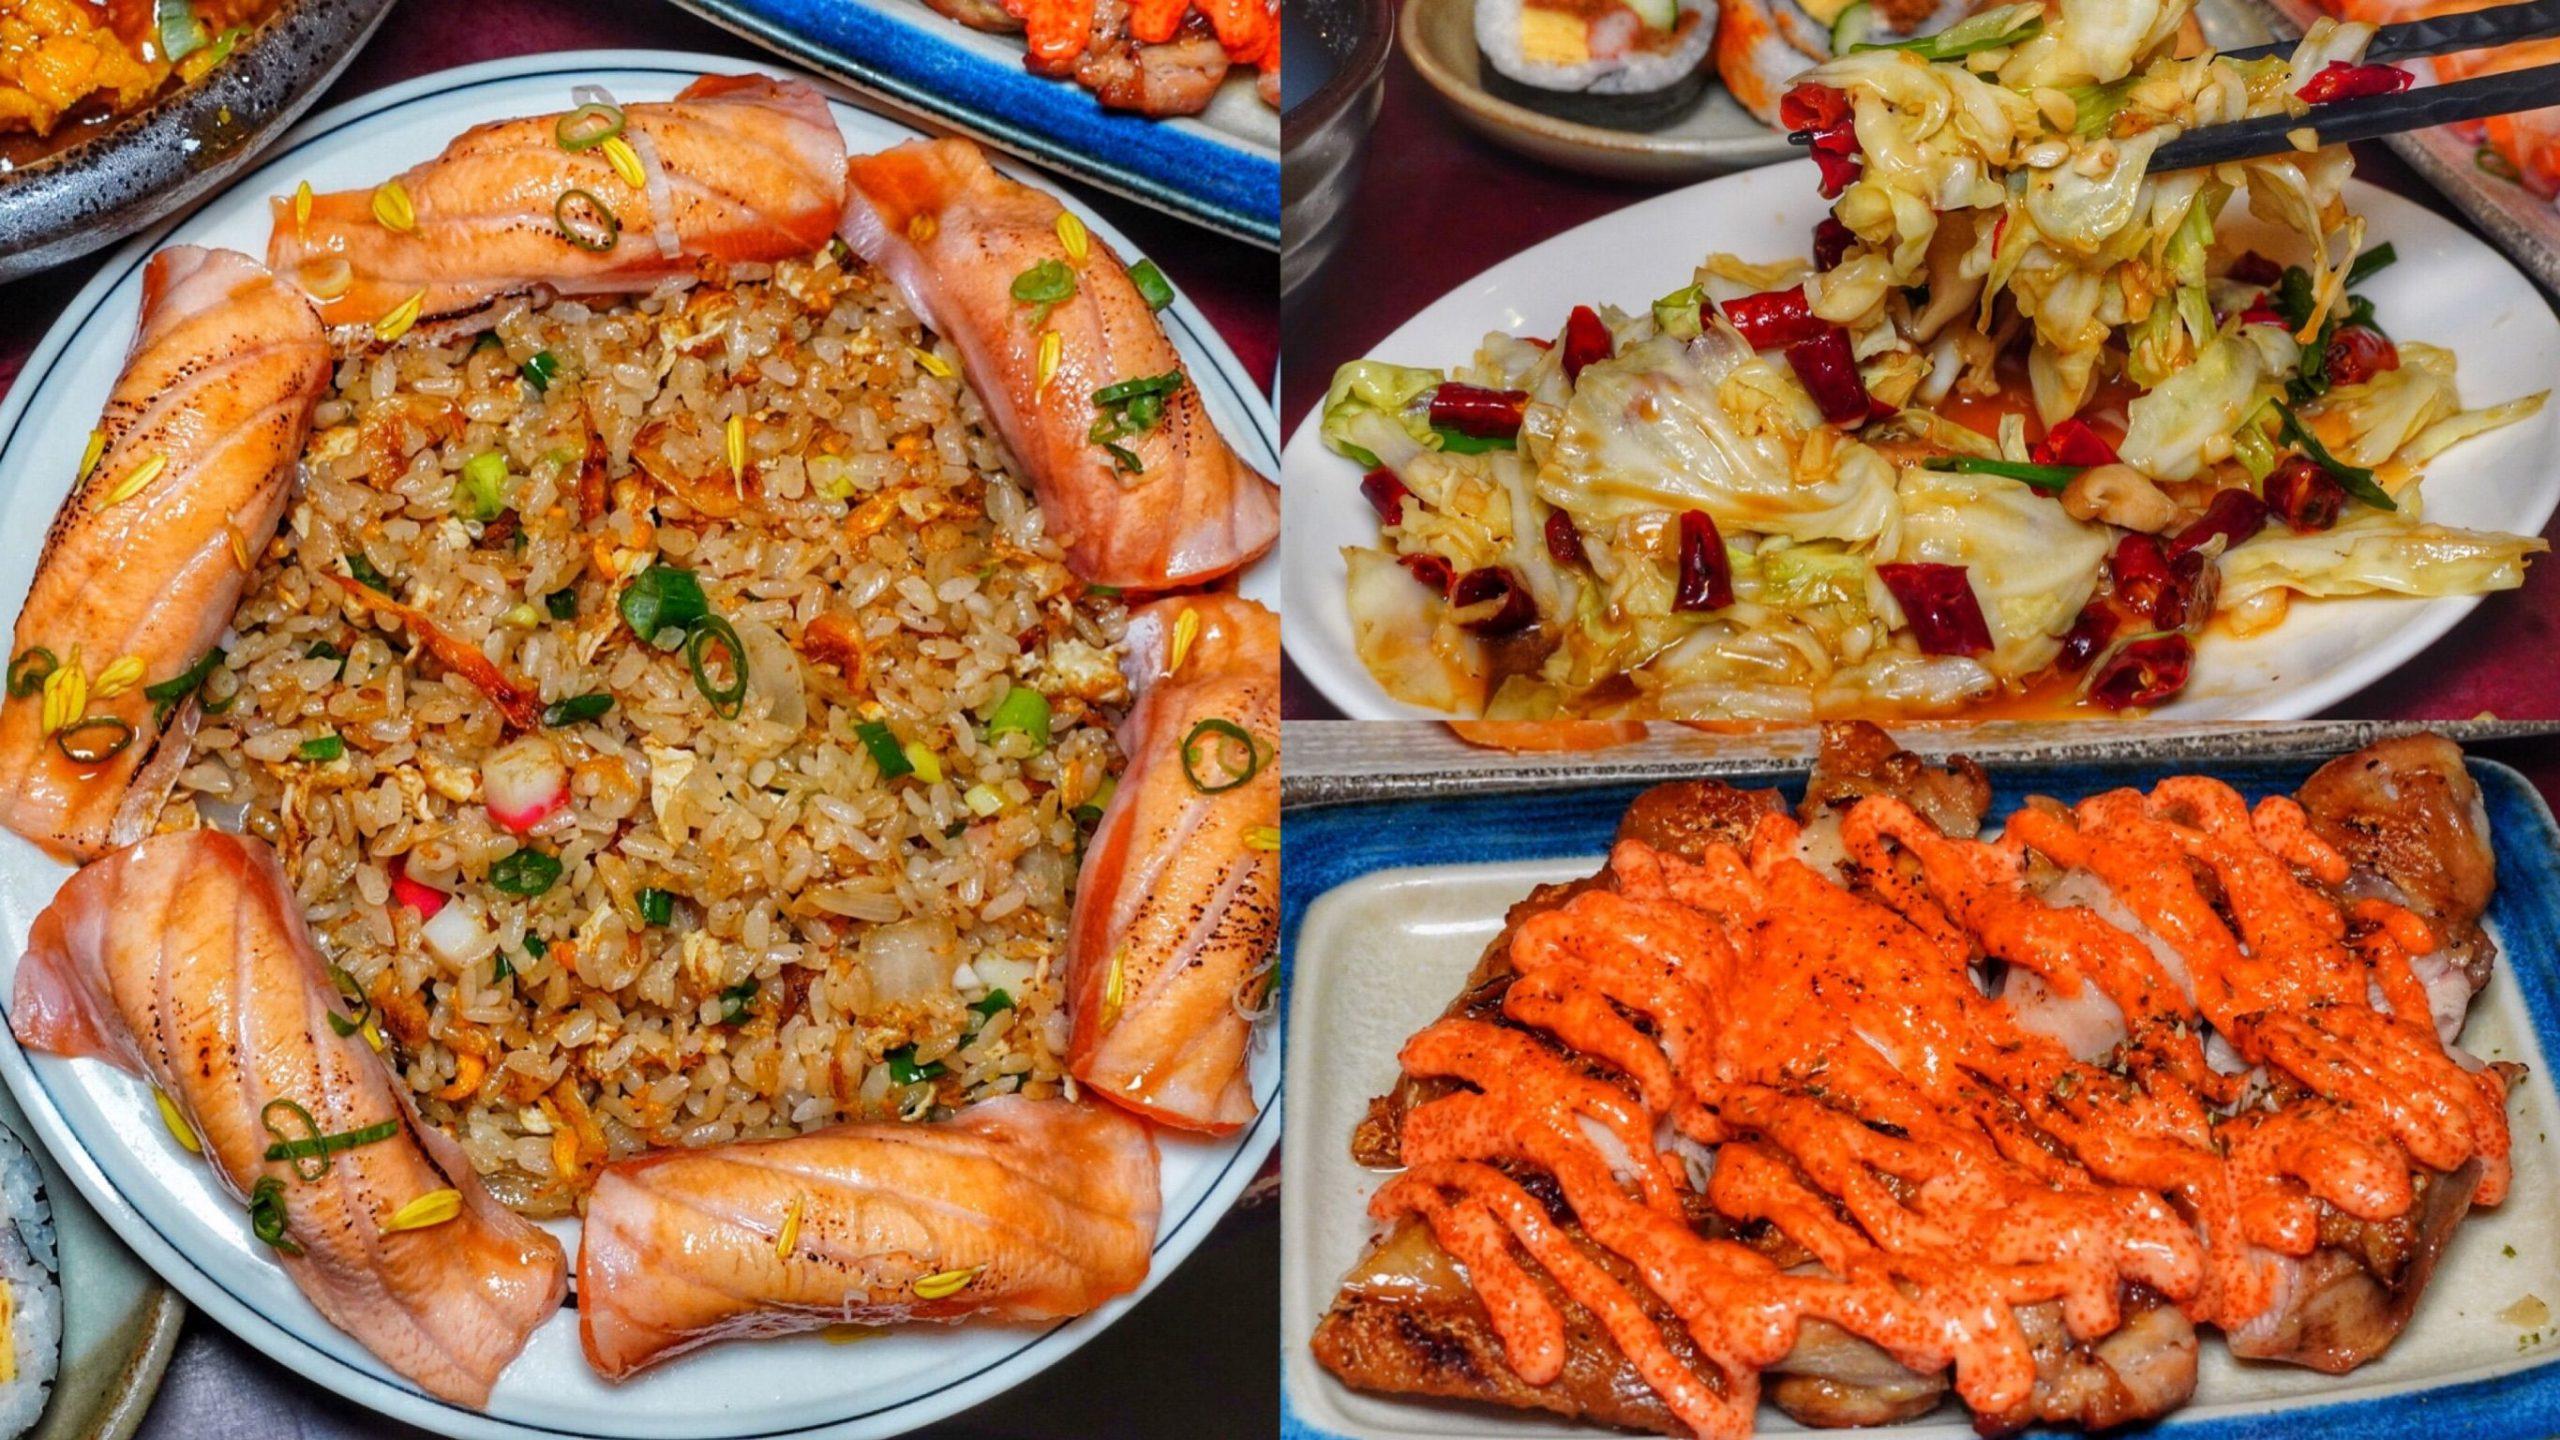 【台南美食】炙燒鮭魚+炒飯超好吃!沒預約很難吃到的人氣居酒屋 餐點選擇多又平價 – 酒河原居酒屋